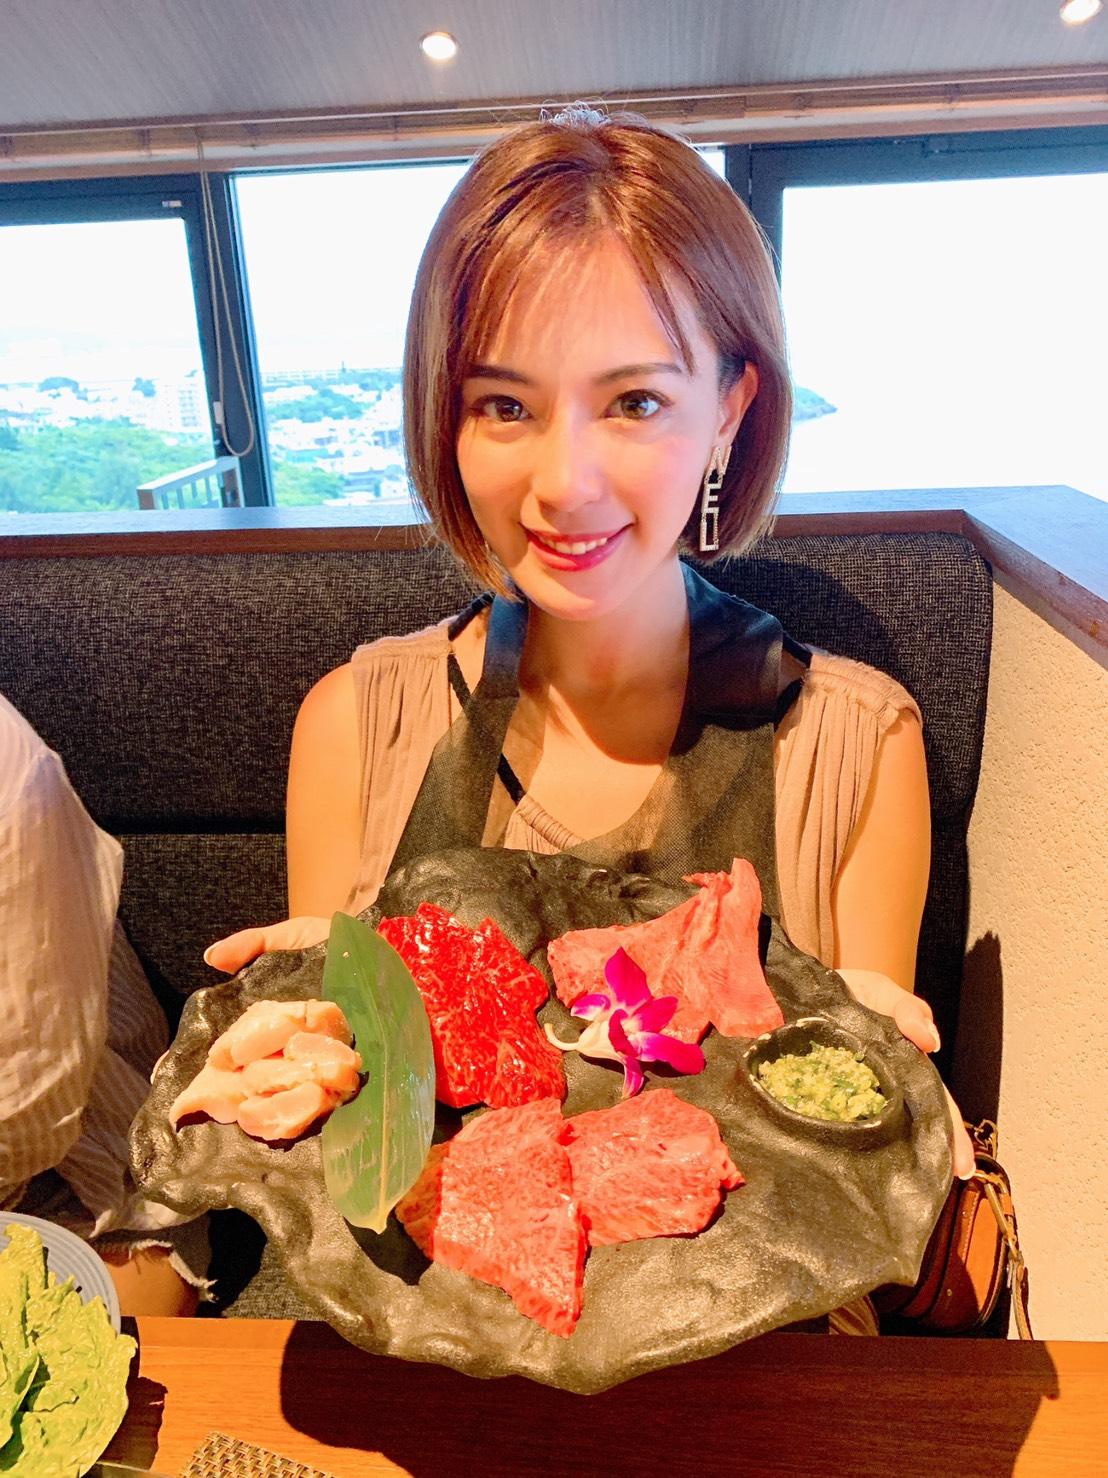 ▲日本和牛肉質鮮美軟嫩,是何織羽推薦去沖繩必吃美食。